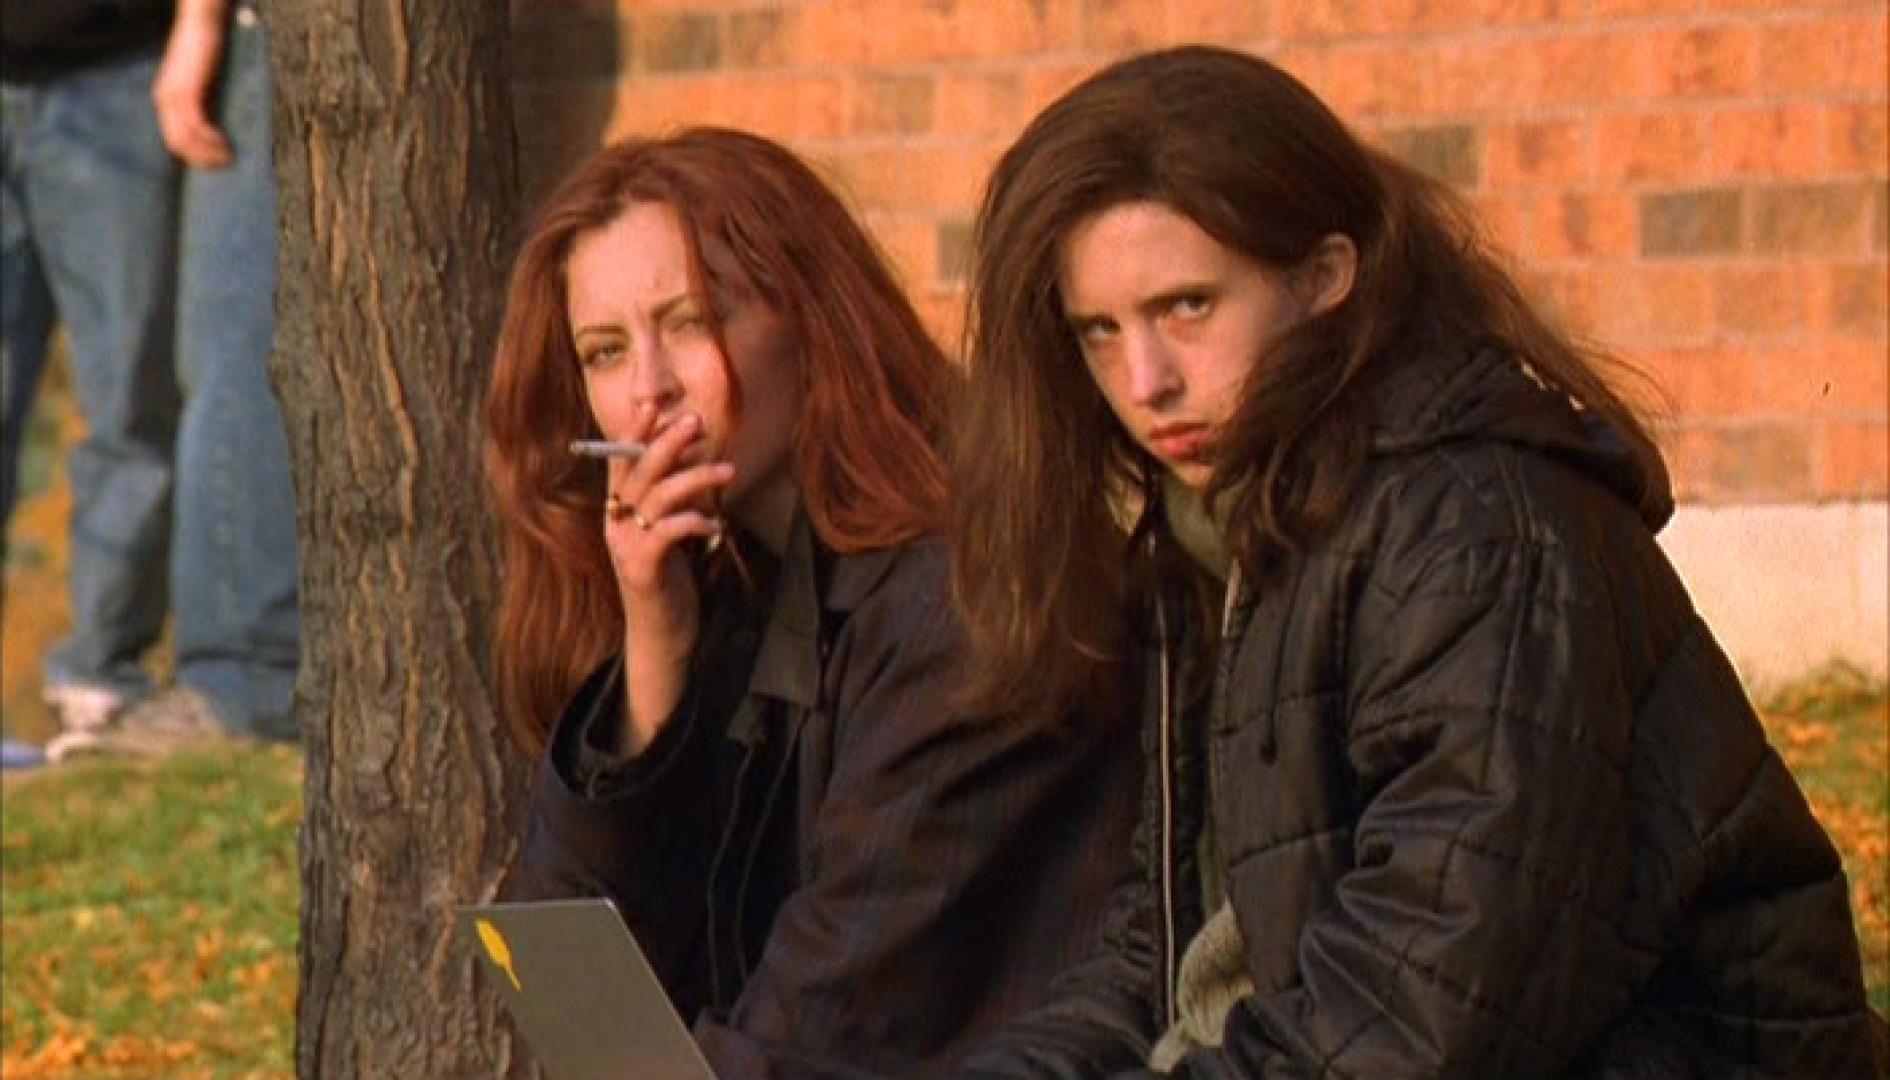 Ginger és Brigitte